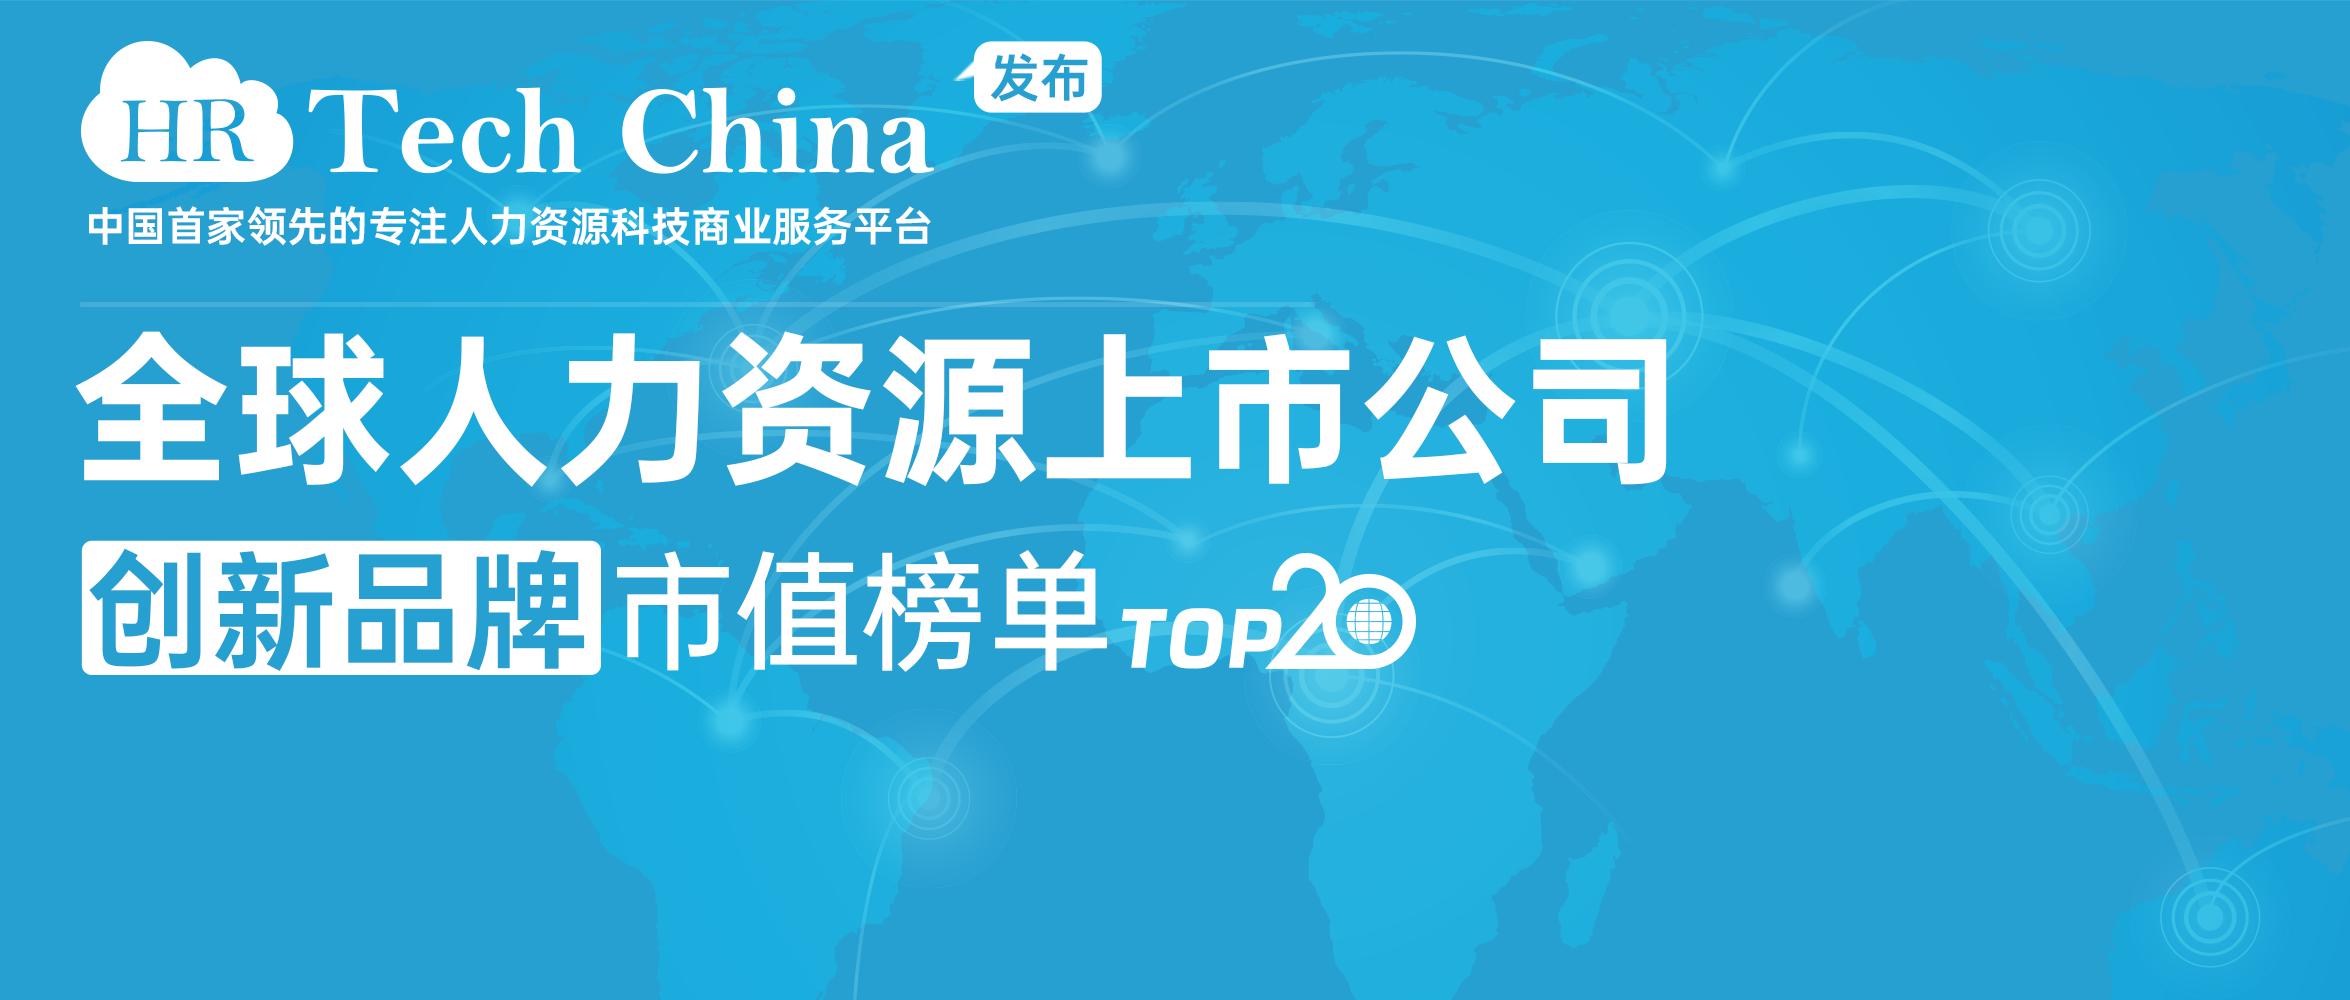 【榜单】10月全球人力资源上市公司创新品牌市值榜单Top20发布,欢迎查阅转发